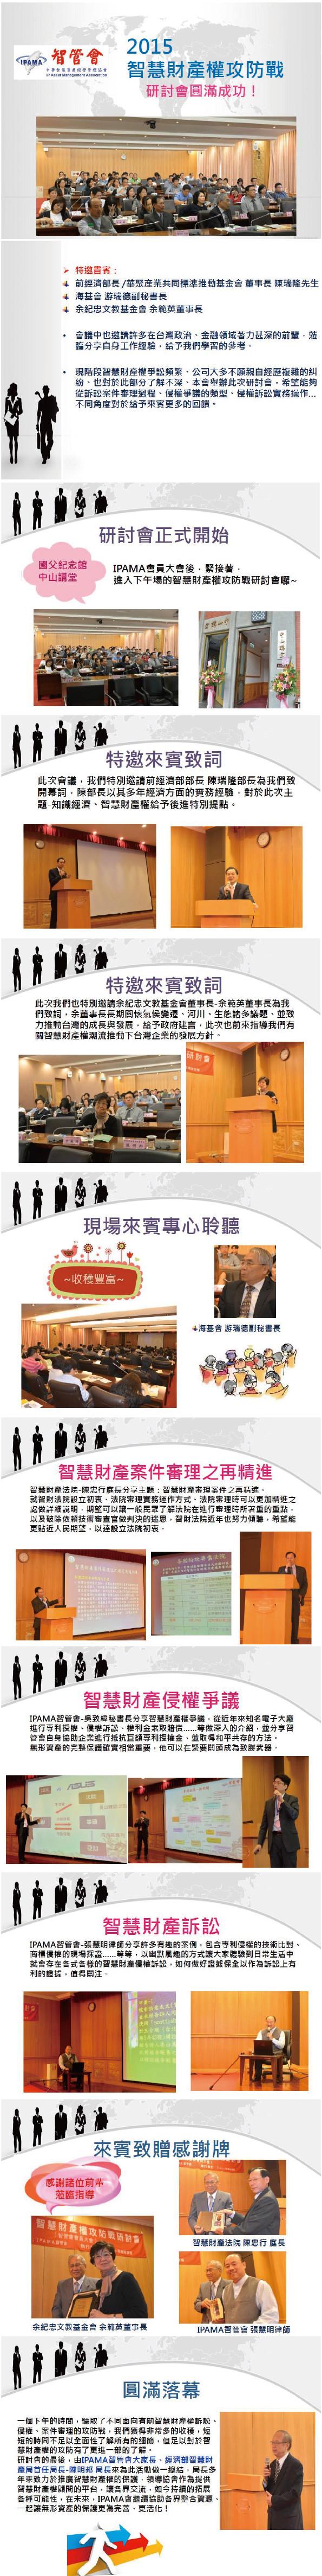 第102期 智慧財產權攻防戰研討會圓滿成功